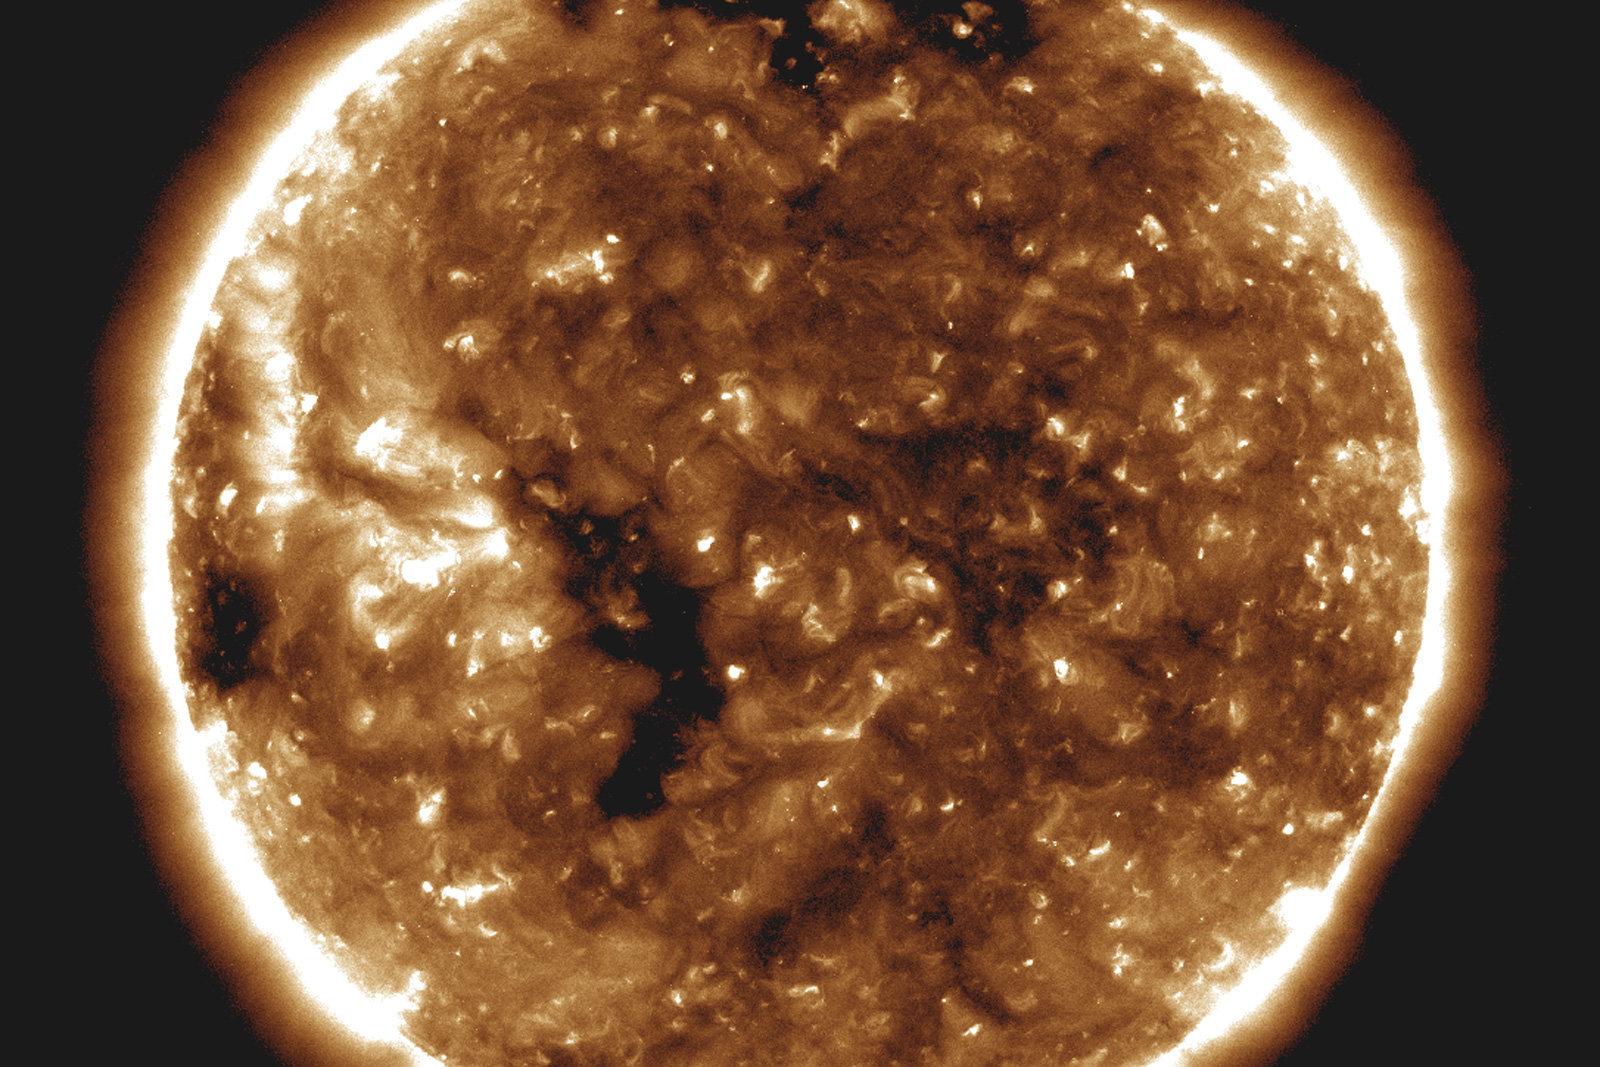 نزدیکترین پرواز تاریخ ناسا به سطح خورشید، راز بادهای خورشیدی را فاش کرد